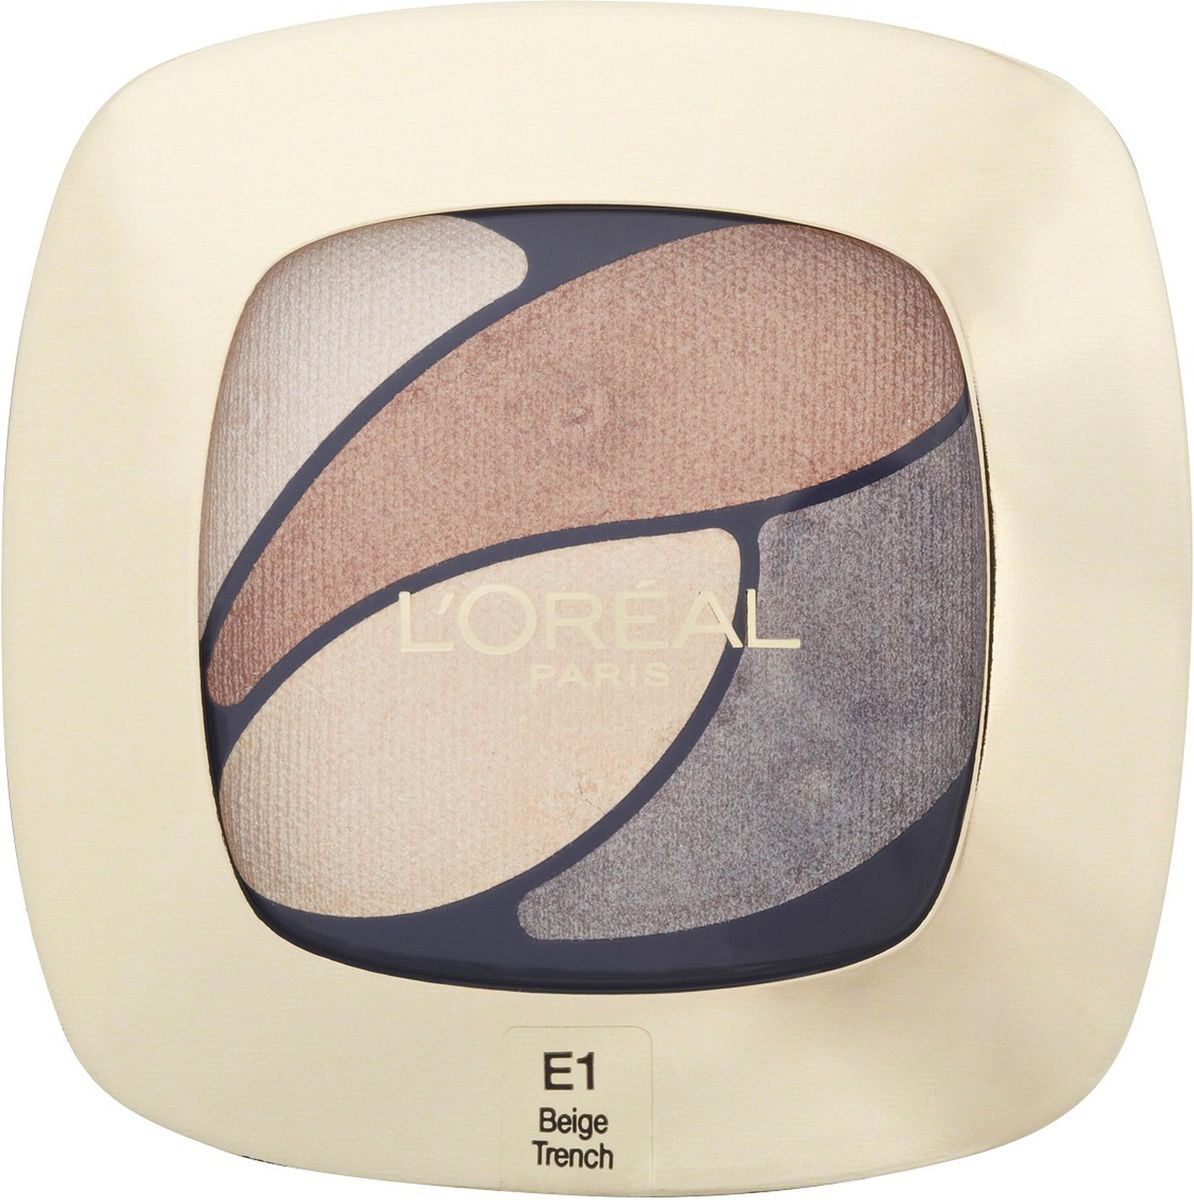 LOreal Paris Тени для век Color Riche, Квадро, оттенок Е1 Бежевый тренч, стойкие, 4,5 г5010777139655Тени Квадро Color Riche - ваш персональный визажист . Модные оттенки, насыщенные цвета. Формула нового поколения: идеальная пропорция пигментов и перламутровых частиц для достижения насыщенного и яркого цвета. Инновационный двусторонний аппликатор для профессионального нанесения: традиционная кисточка для растушевки базовых цветов, углообразная кисточка для создания эффекта подводки. Нежная кремовая текстура. Стойкость 12 часов.